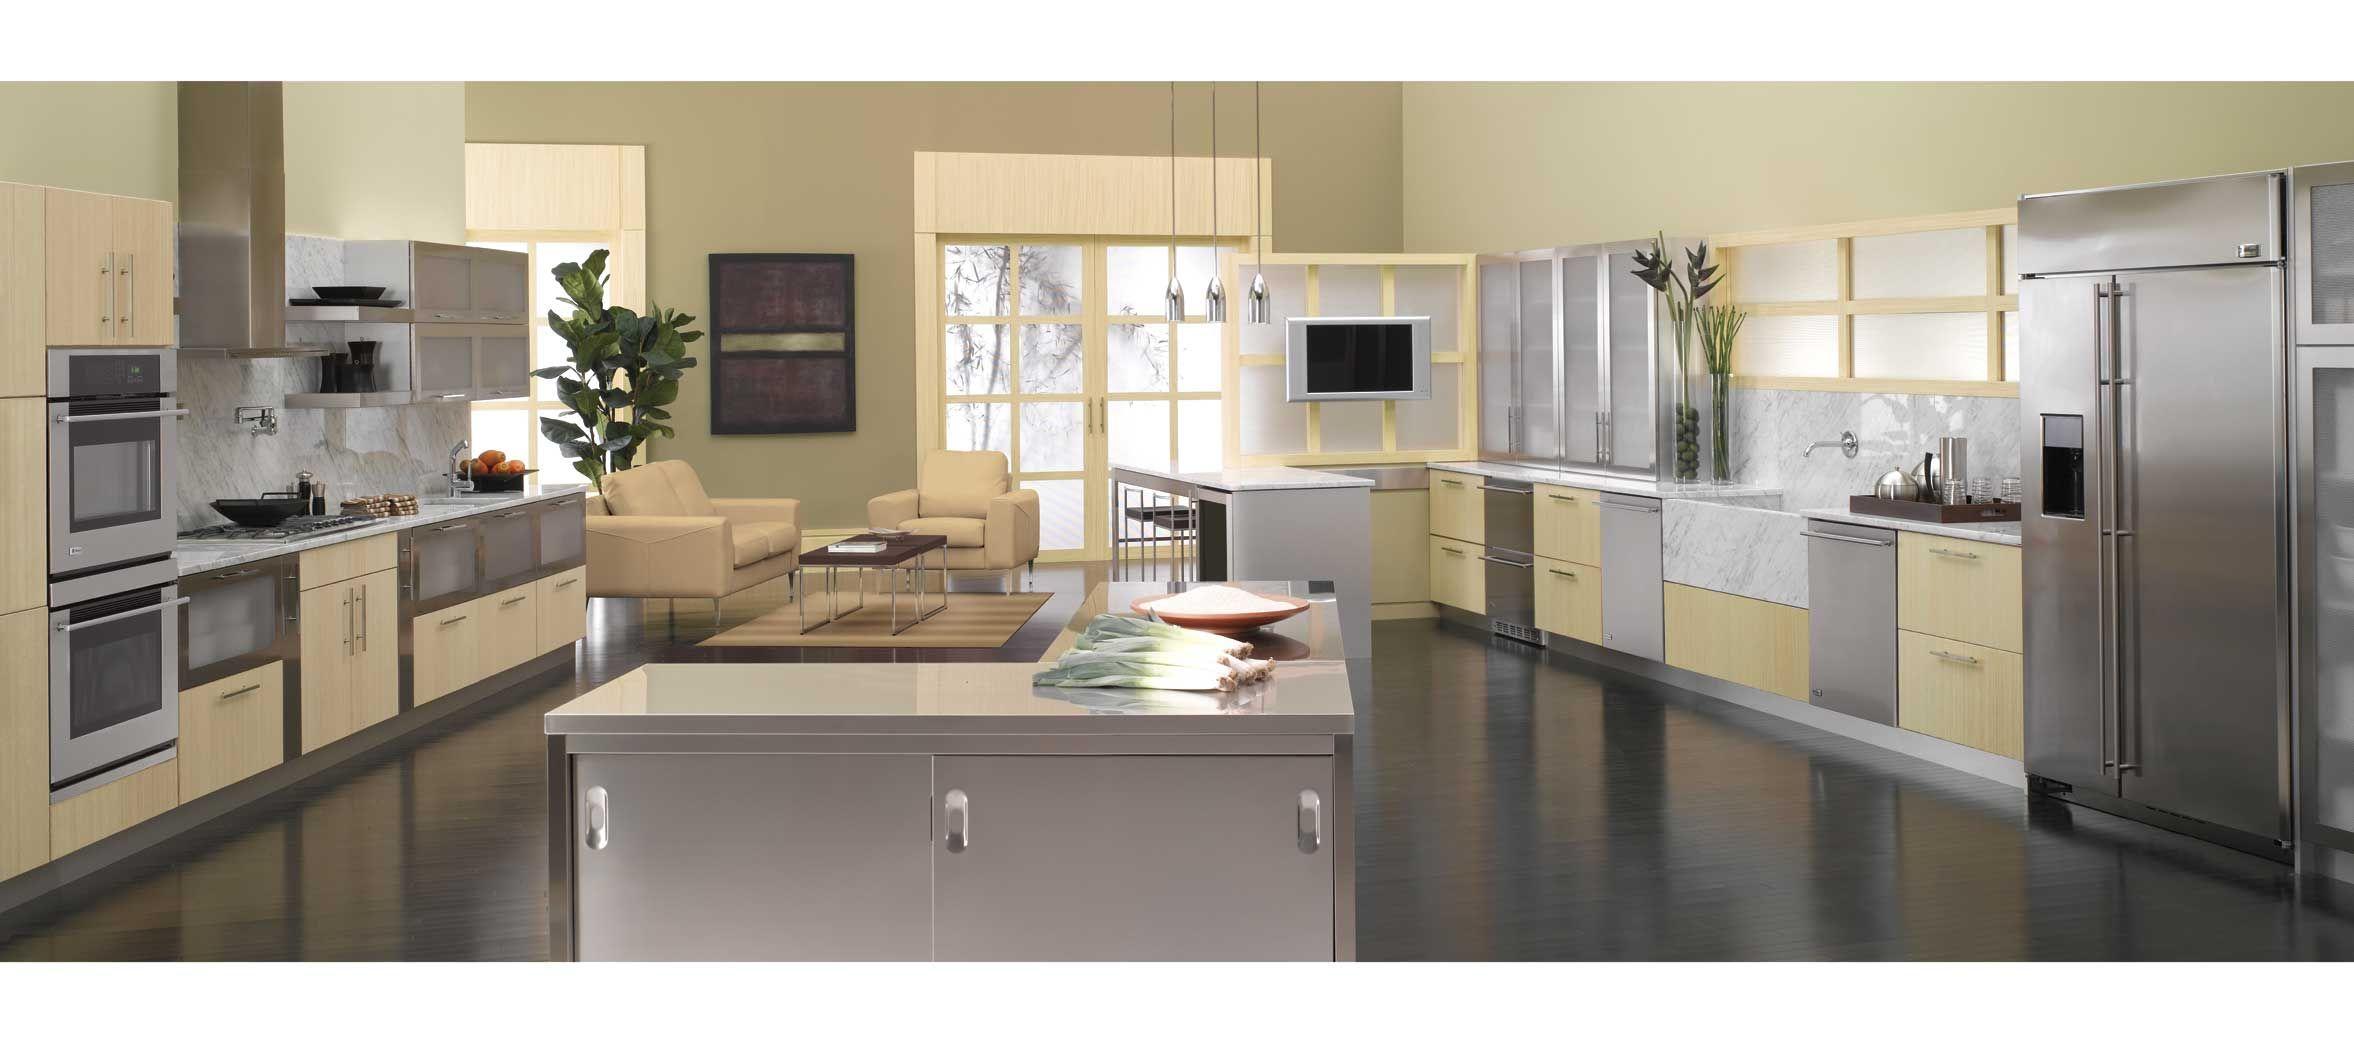 Ge Monogram Bamboo Kitchen Appliances Kitchen Design Pictures Custom Kitchen Cabinets Sleek Kitchen